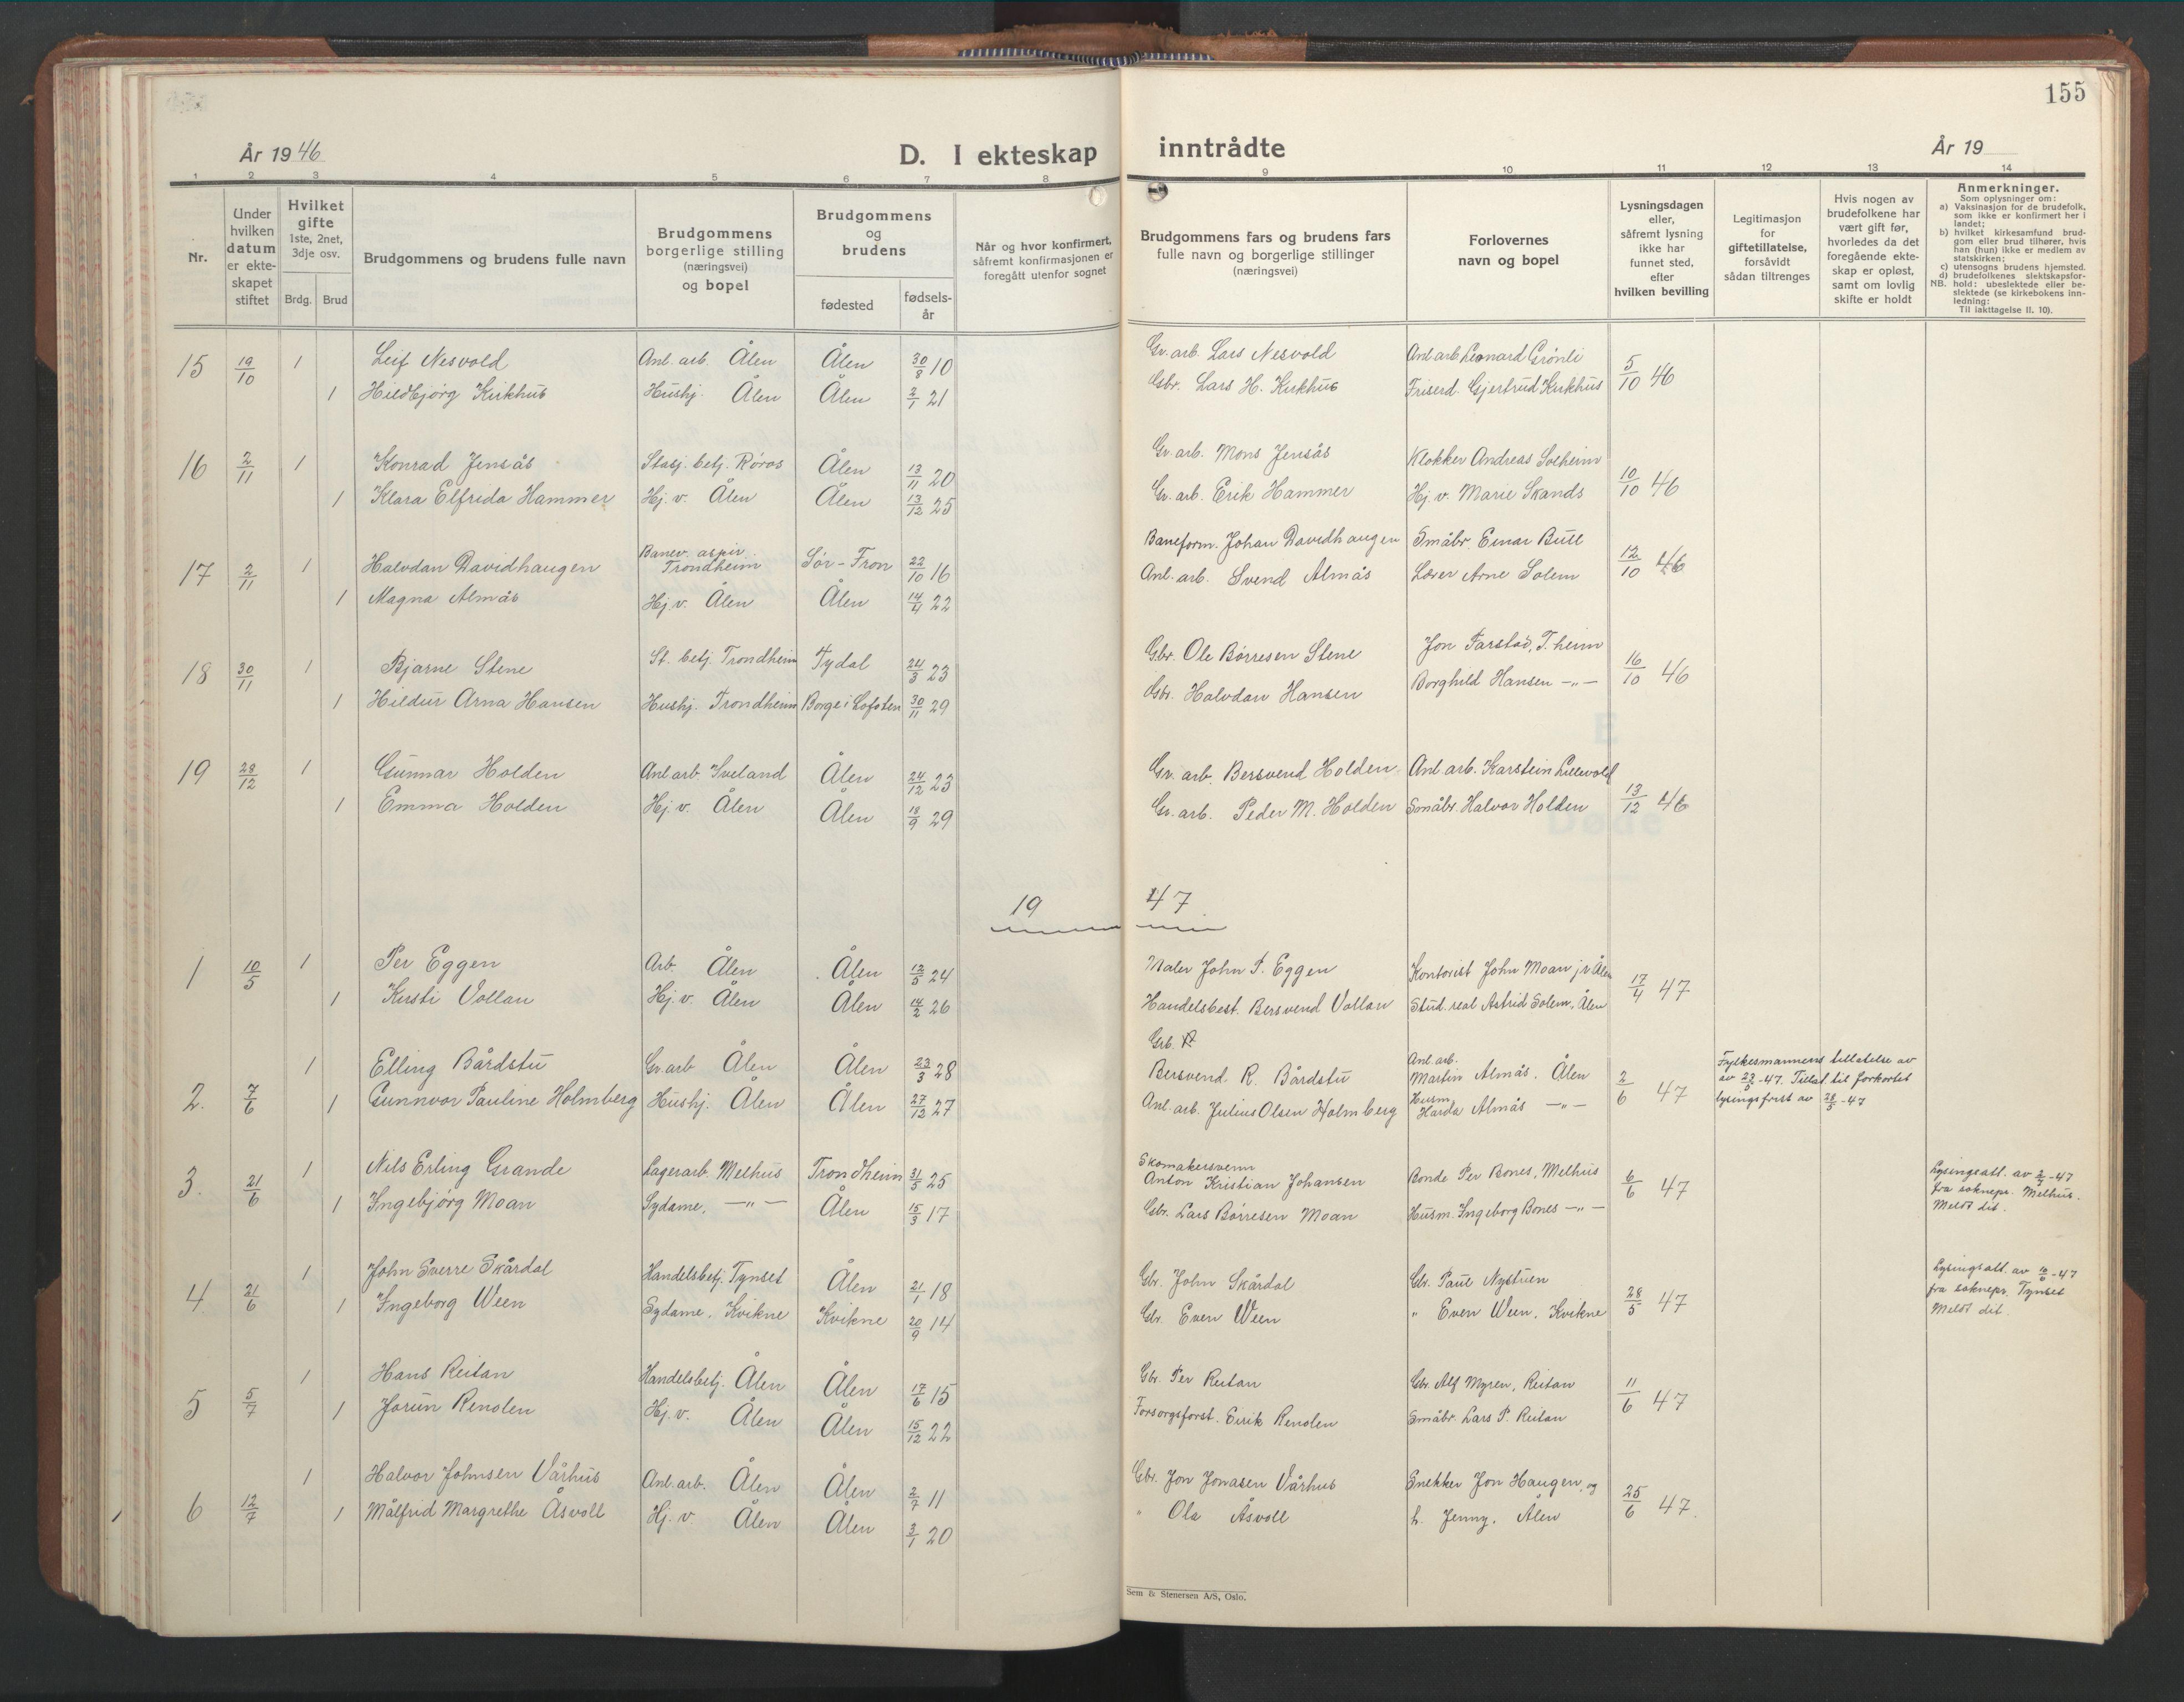 SAT, Ministerialprotokoller, klokkerbøker og fødselsregistre - Sør-Trøndelag, 686/L0986: Klokkerbok nr. 686C02, 1933-1950, s. 155